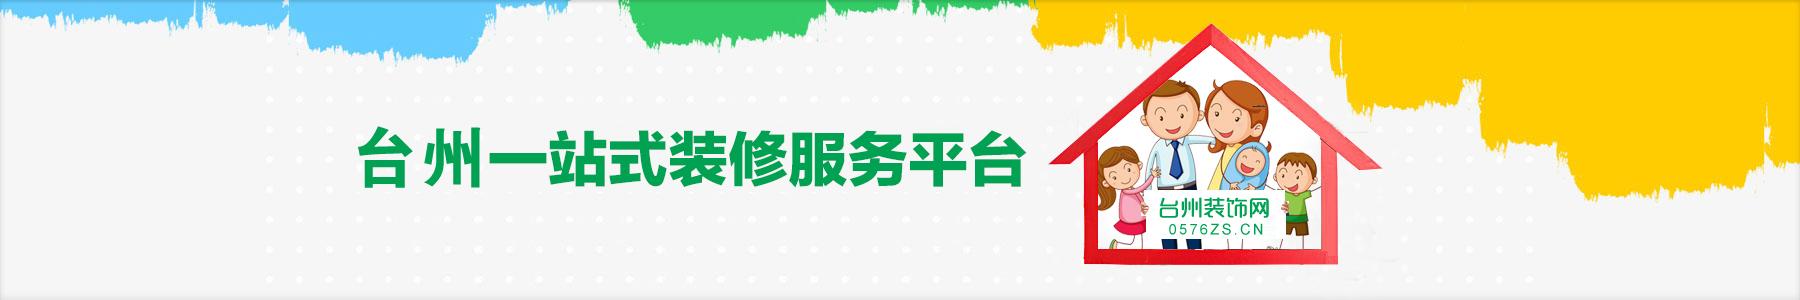 台zhouzhuang修,台zhouzhuang修公司,台zhouzhuang饰公司,台zhou家zhuang设计,台zhou家tingzhuang修,台zhou家zhuang,台zhou工zhuang,台zhou公zhuang